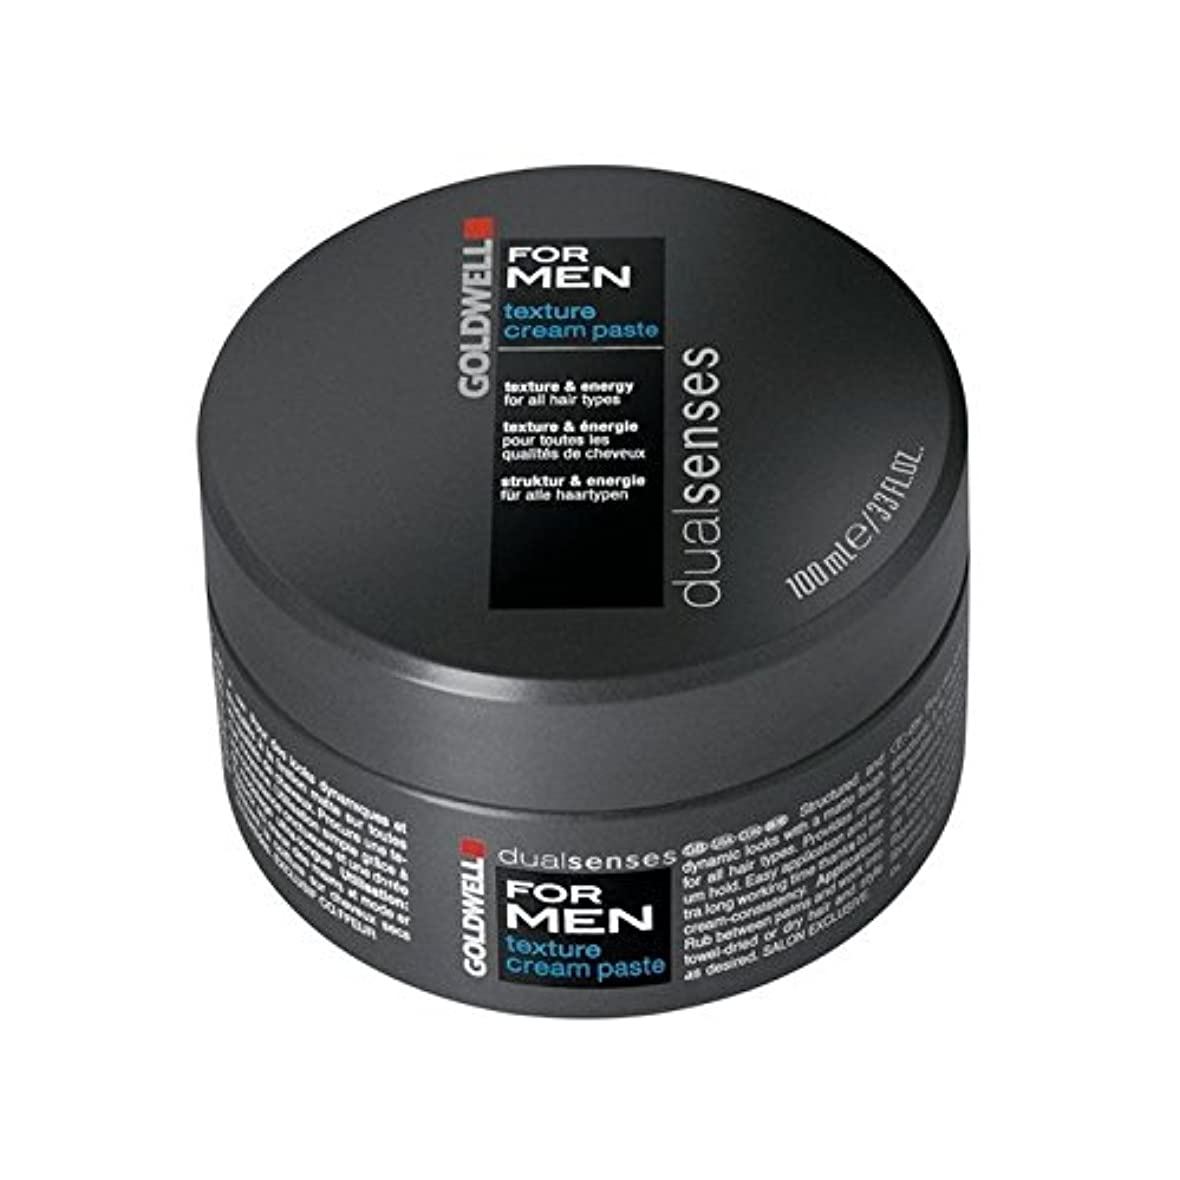 有毒な波紋ハイランド男性のテクスチャーのクリームペースト(100ミリリットル)のためのの x2 - Goldwell Dualsenses For Men Texture Cream Paste (100ml) (Pack of 2) [並行輸入品]